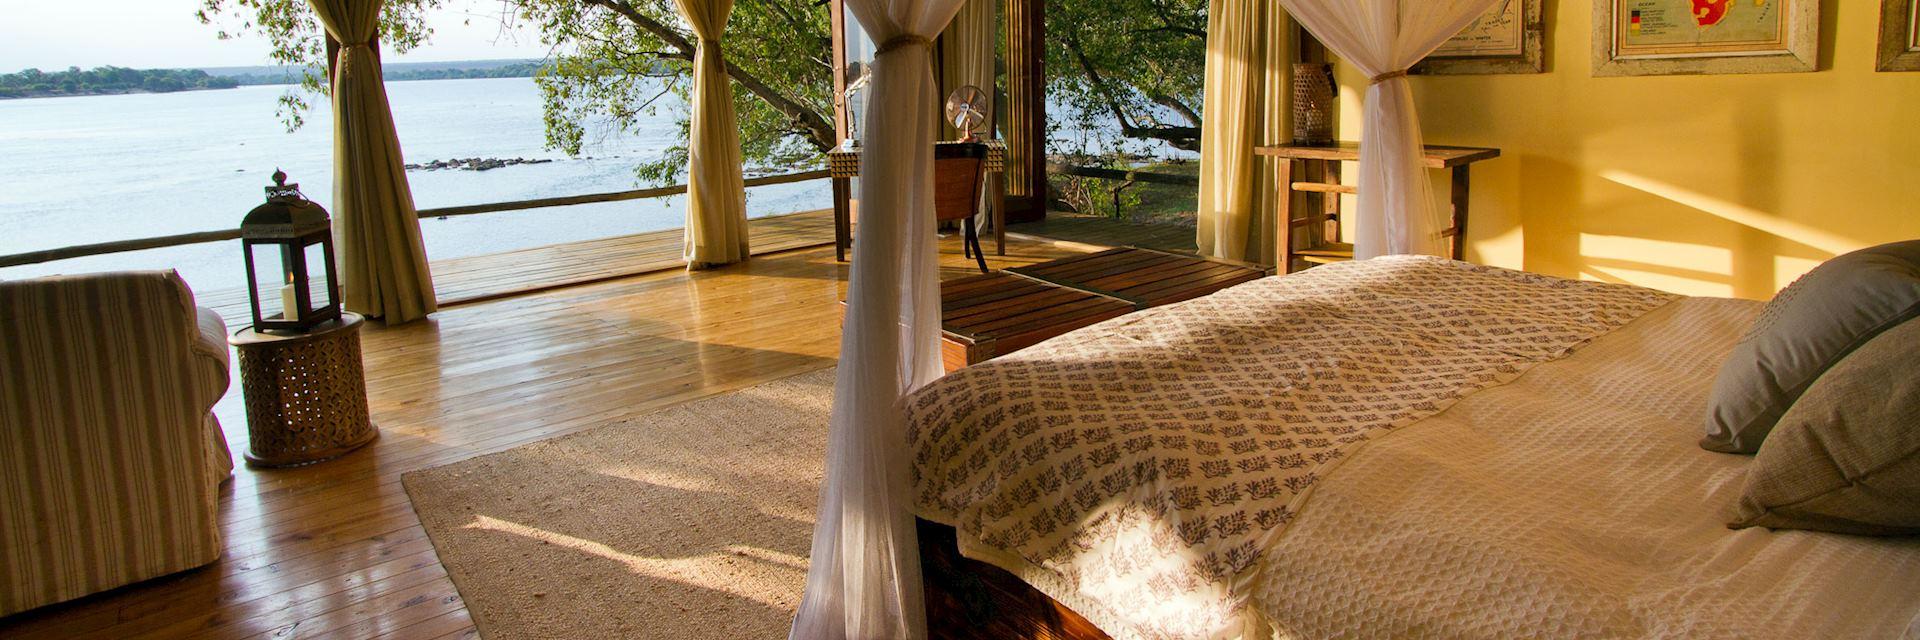 Tongabezi, Livingstone & Victoria Falls